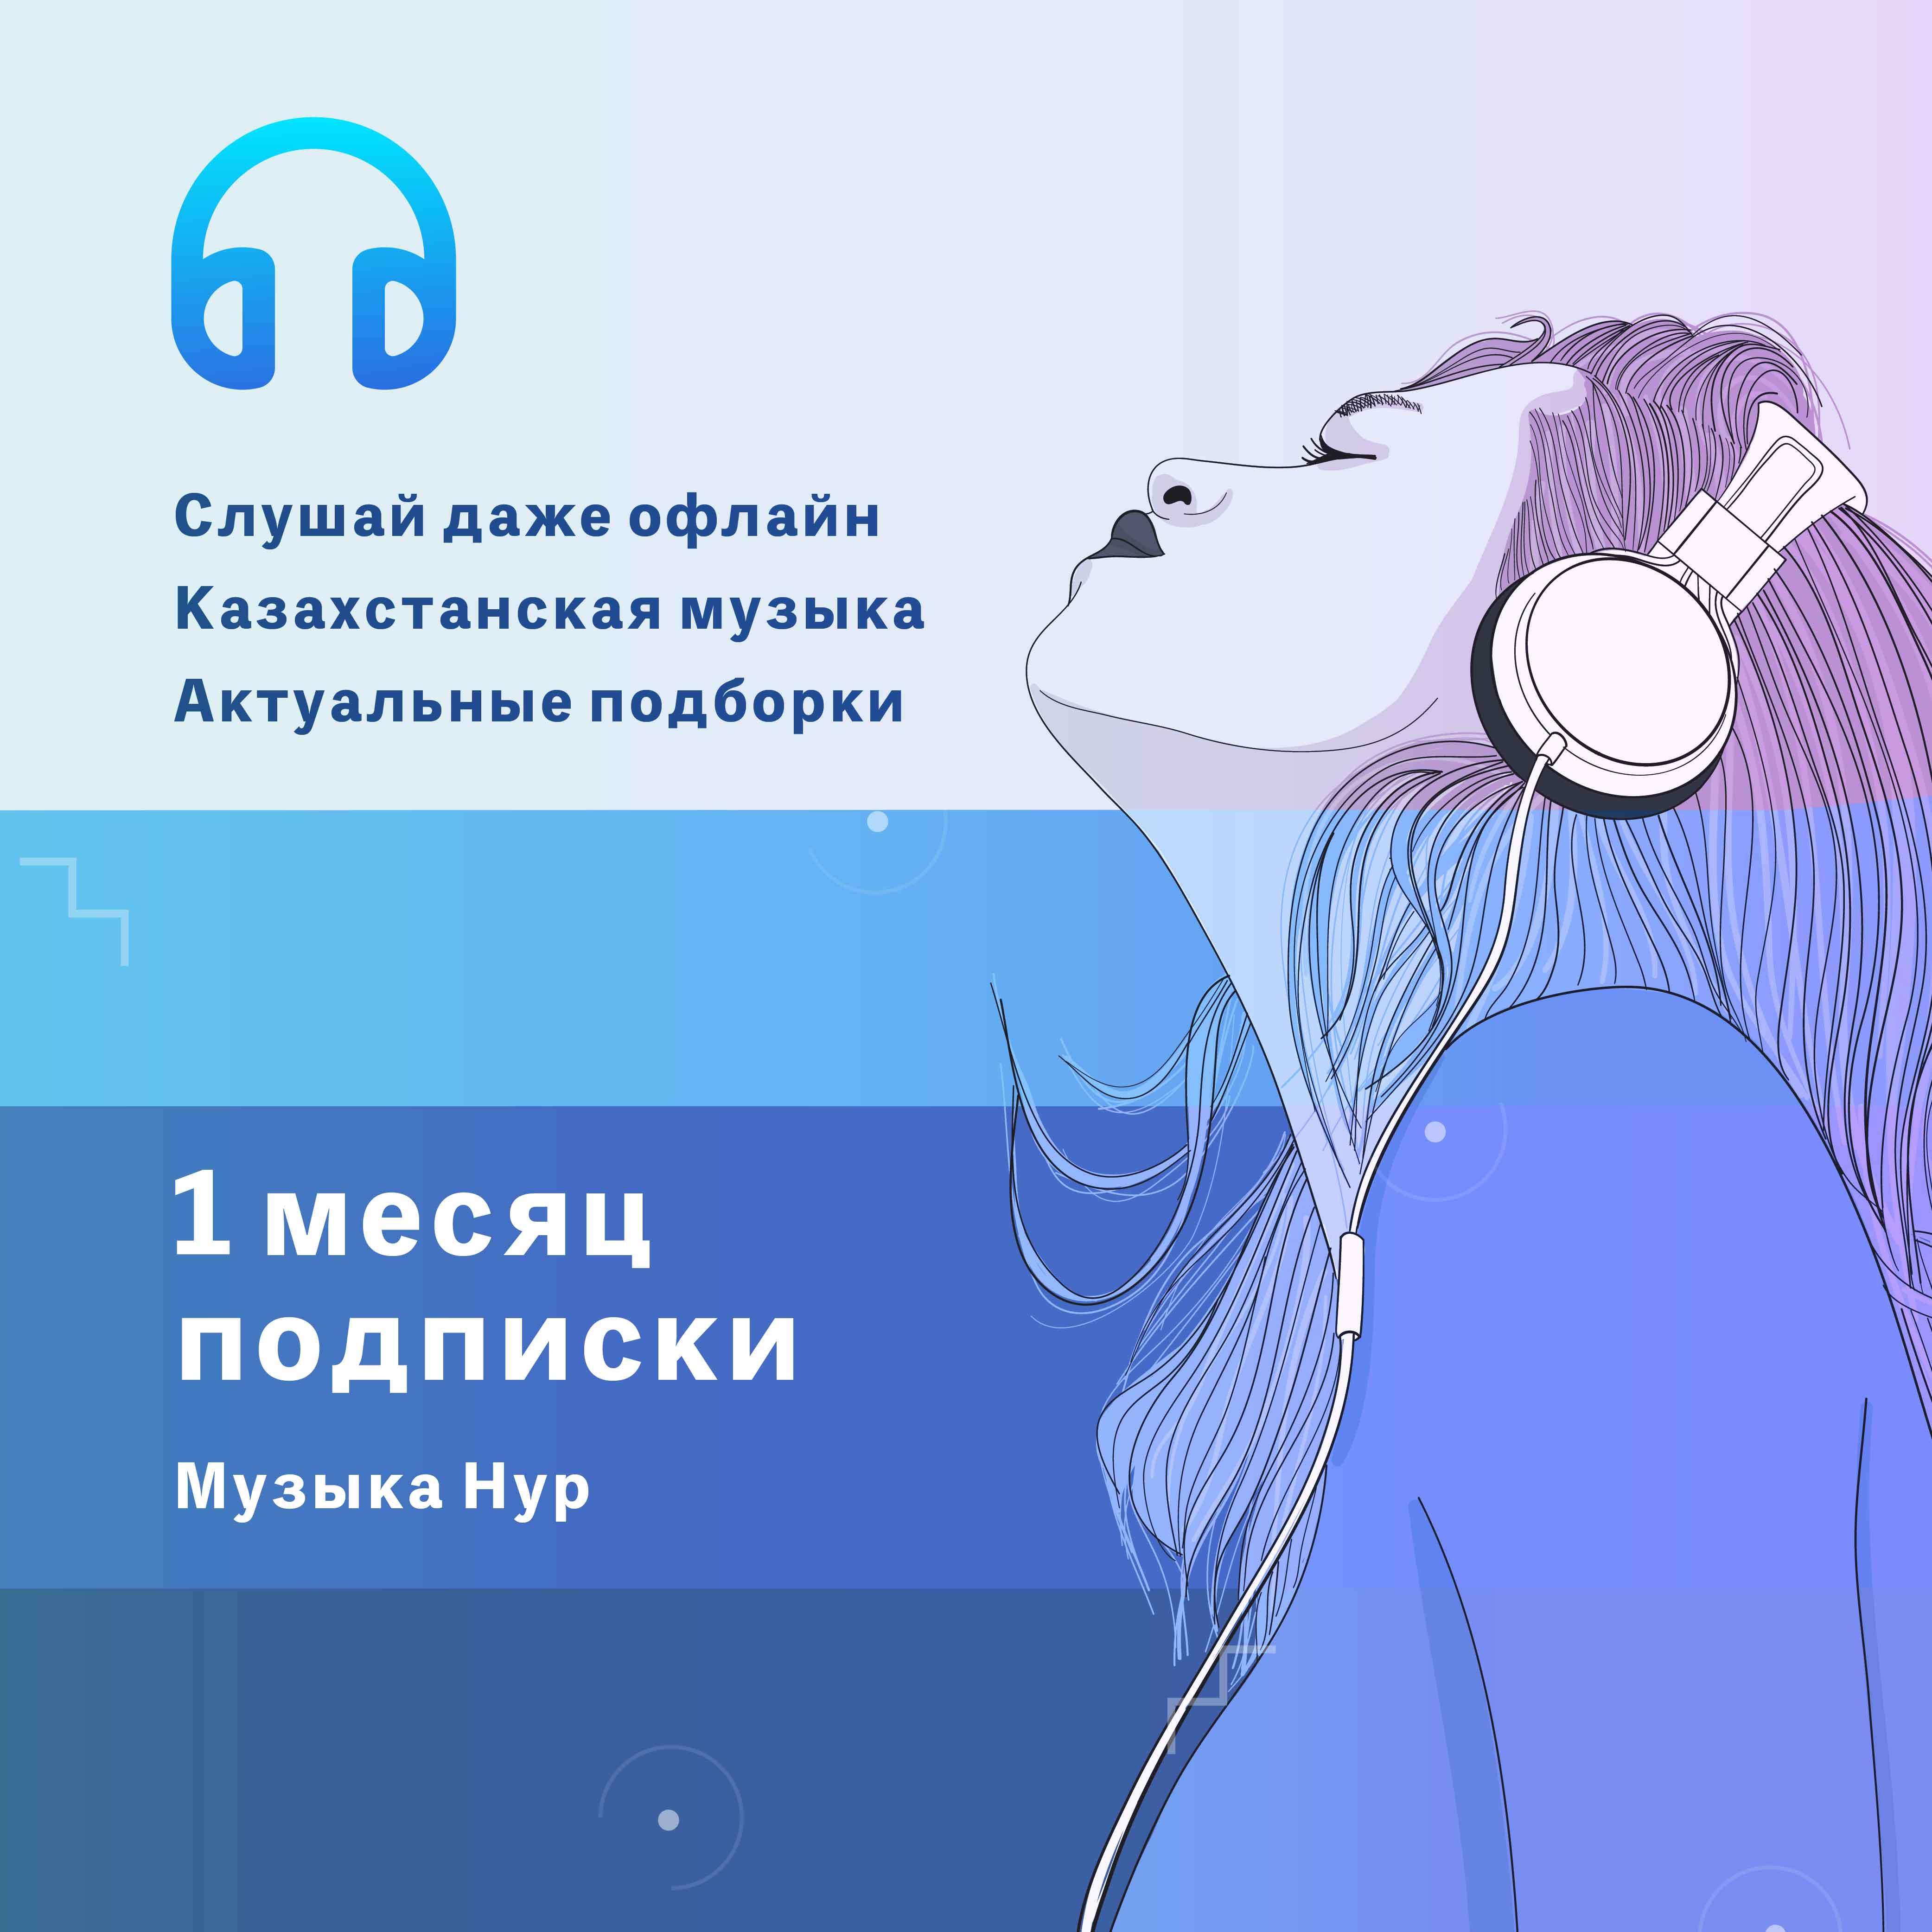 """Подписка """"Музыка Нур"""" на 1 месяц"""